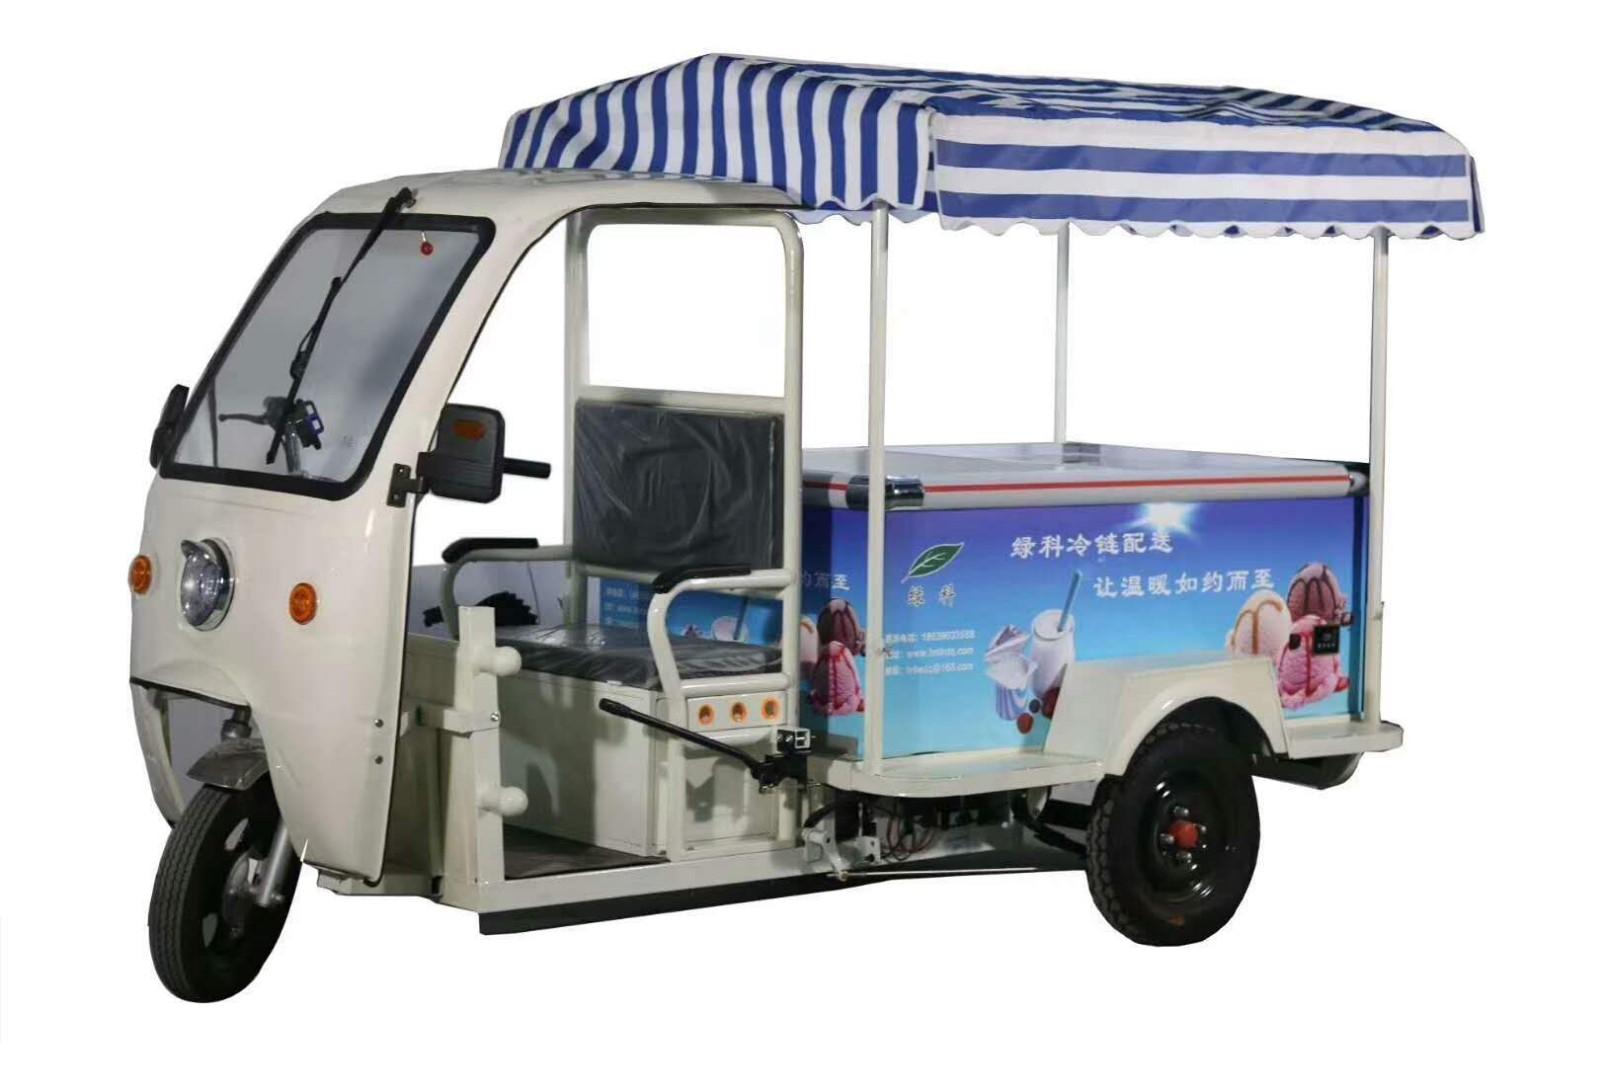 电动三轮冷冻雪糕售卖车带冰柜的三轮车冷藏